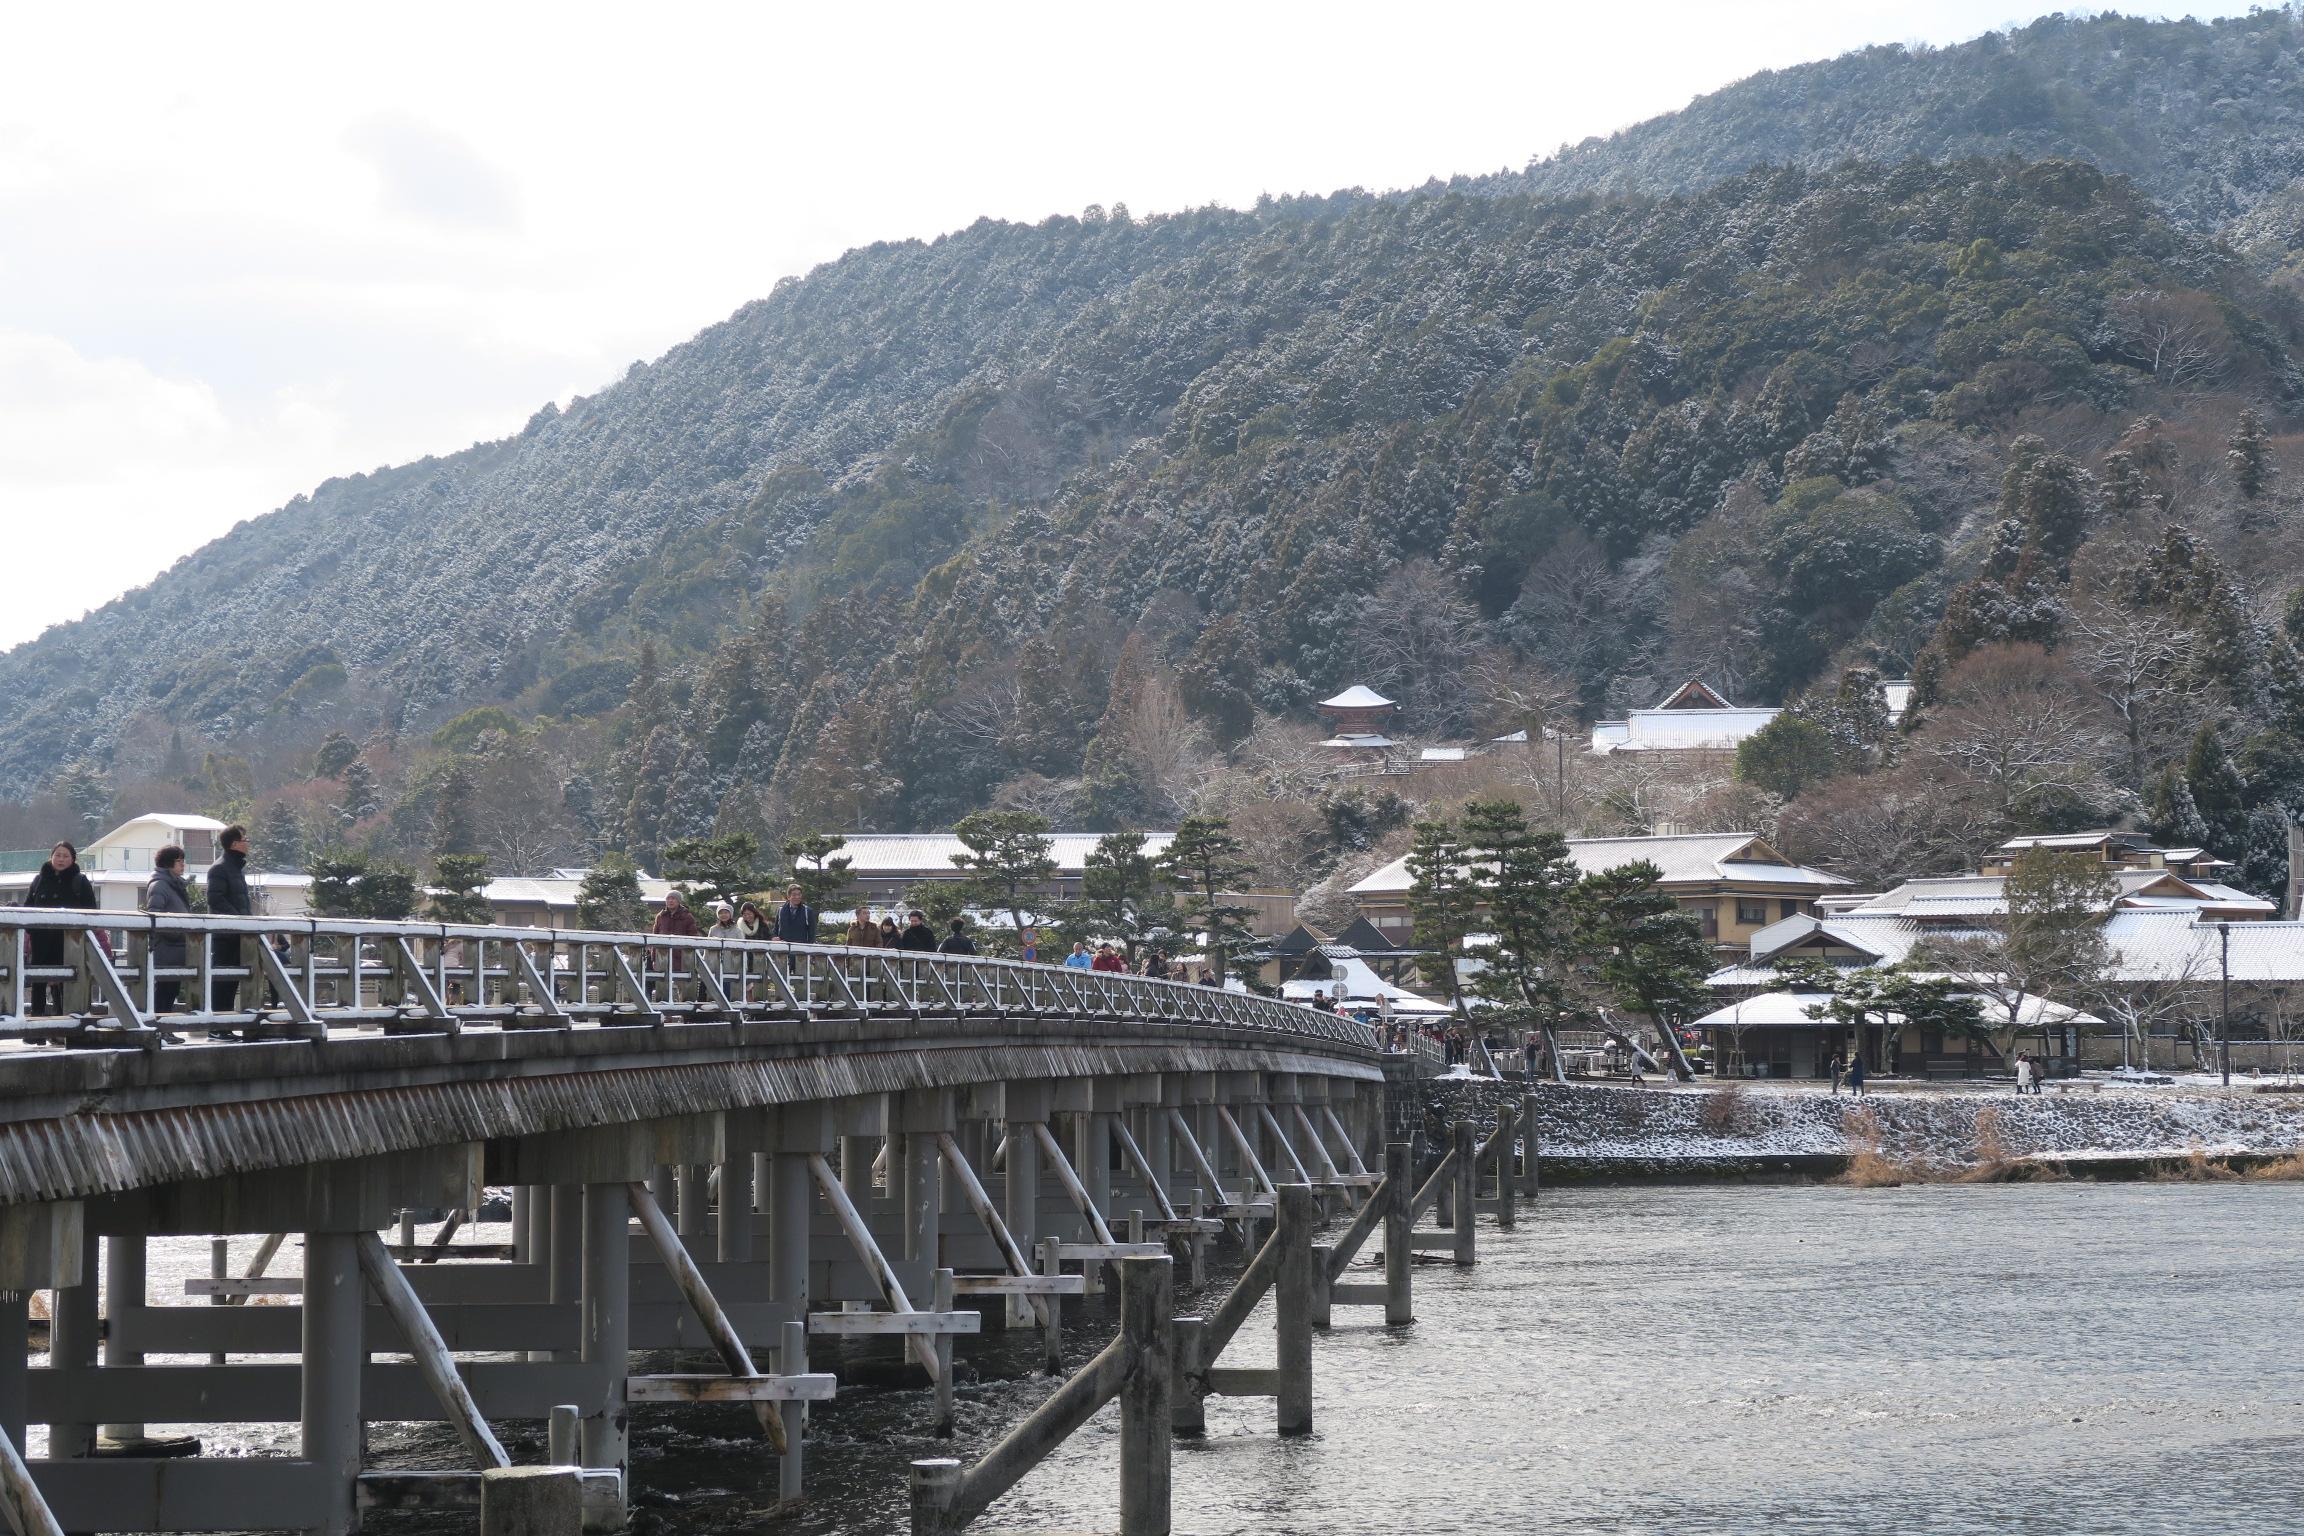 山や屋根が白く色づいた嵐山も素敵ですね。。。法輪寺の多宝塔も雪に覆われています。